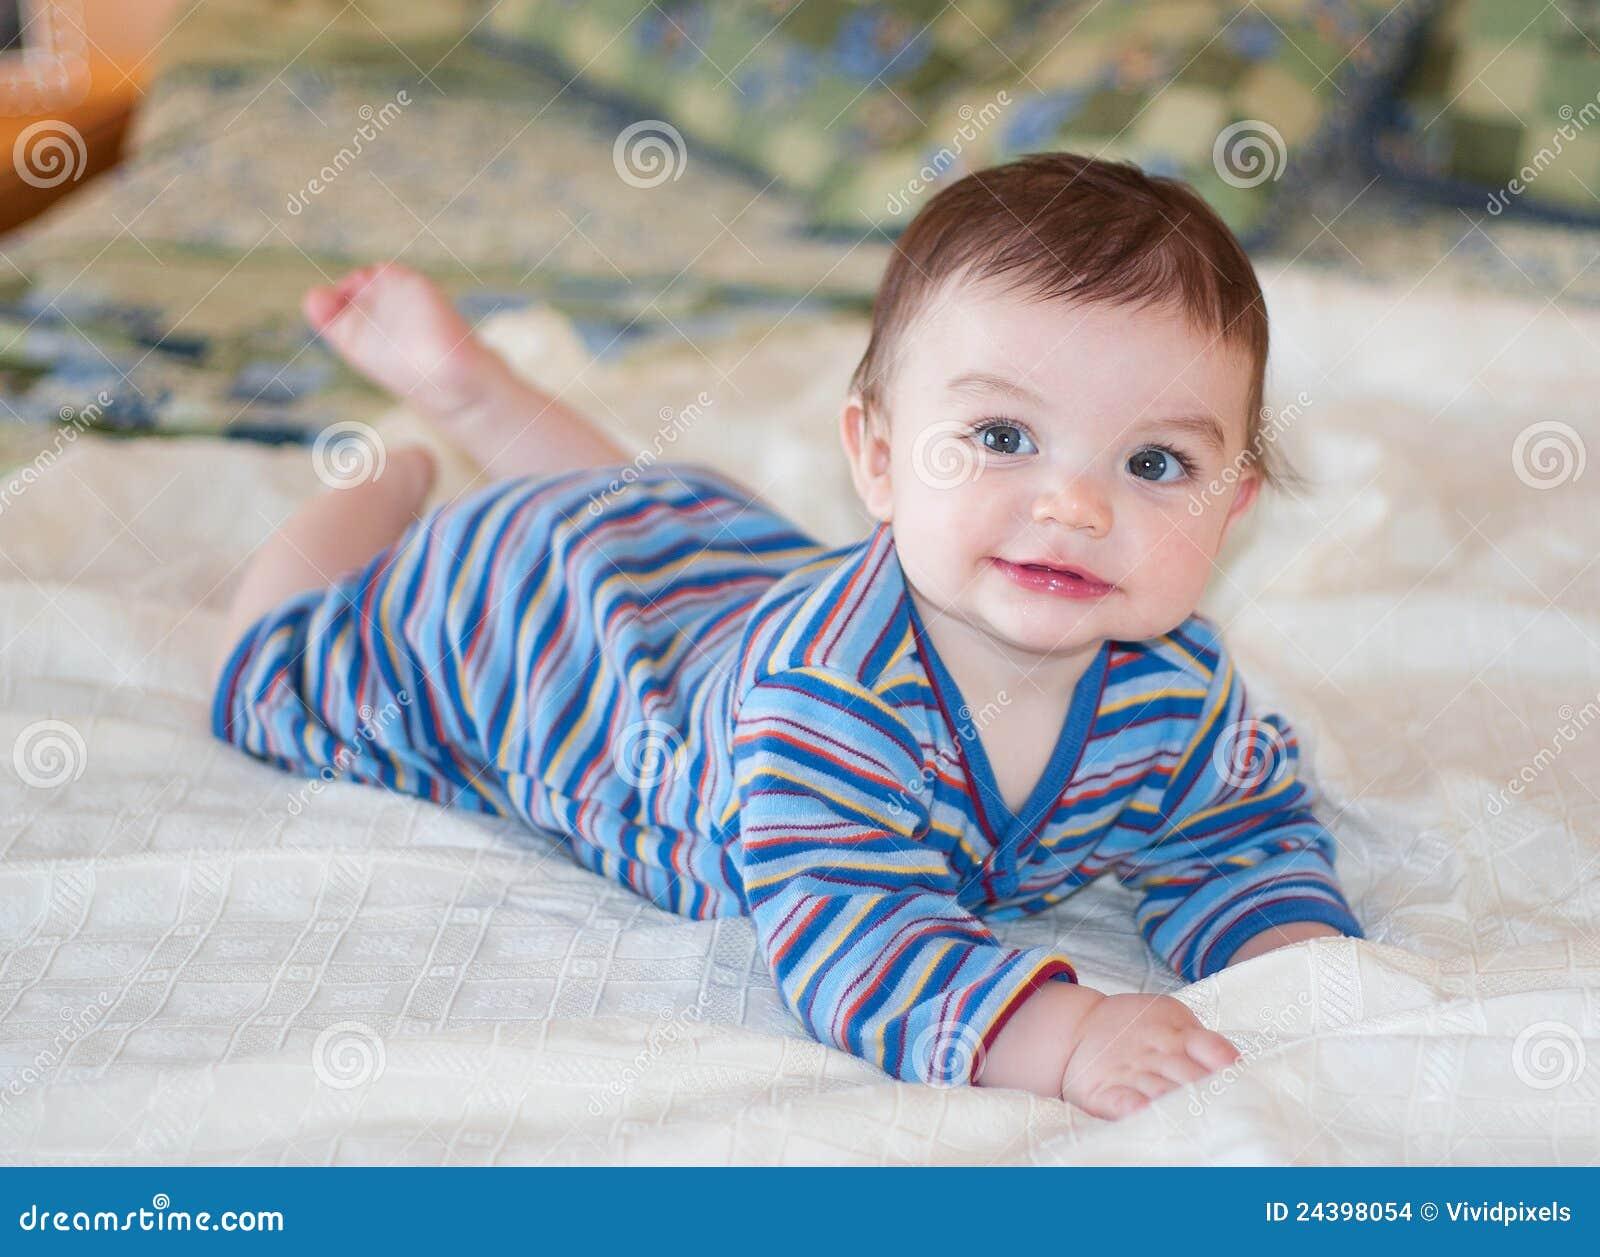 Bebé en equipo rayado azul